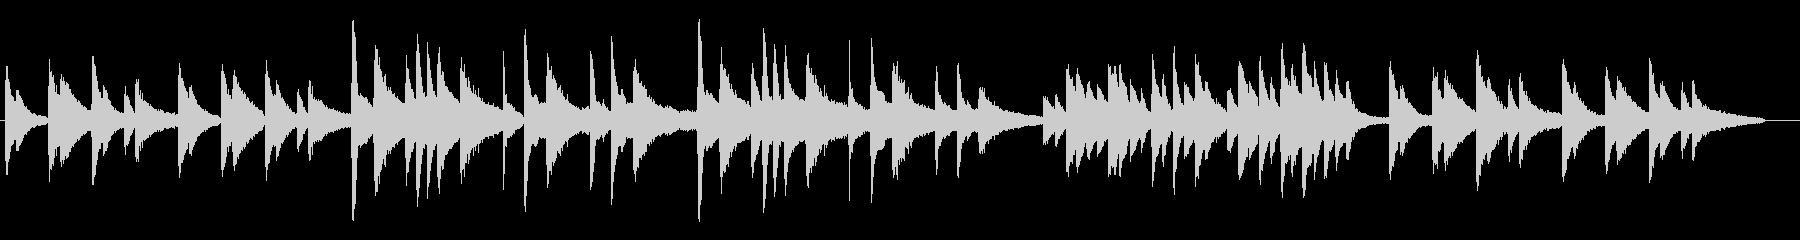 ピアノ生演奏曲 サティのジムノペディ風の未再生の波形